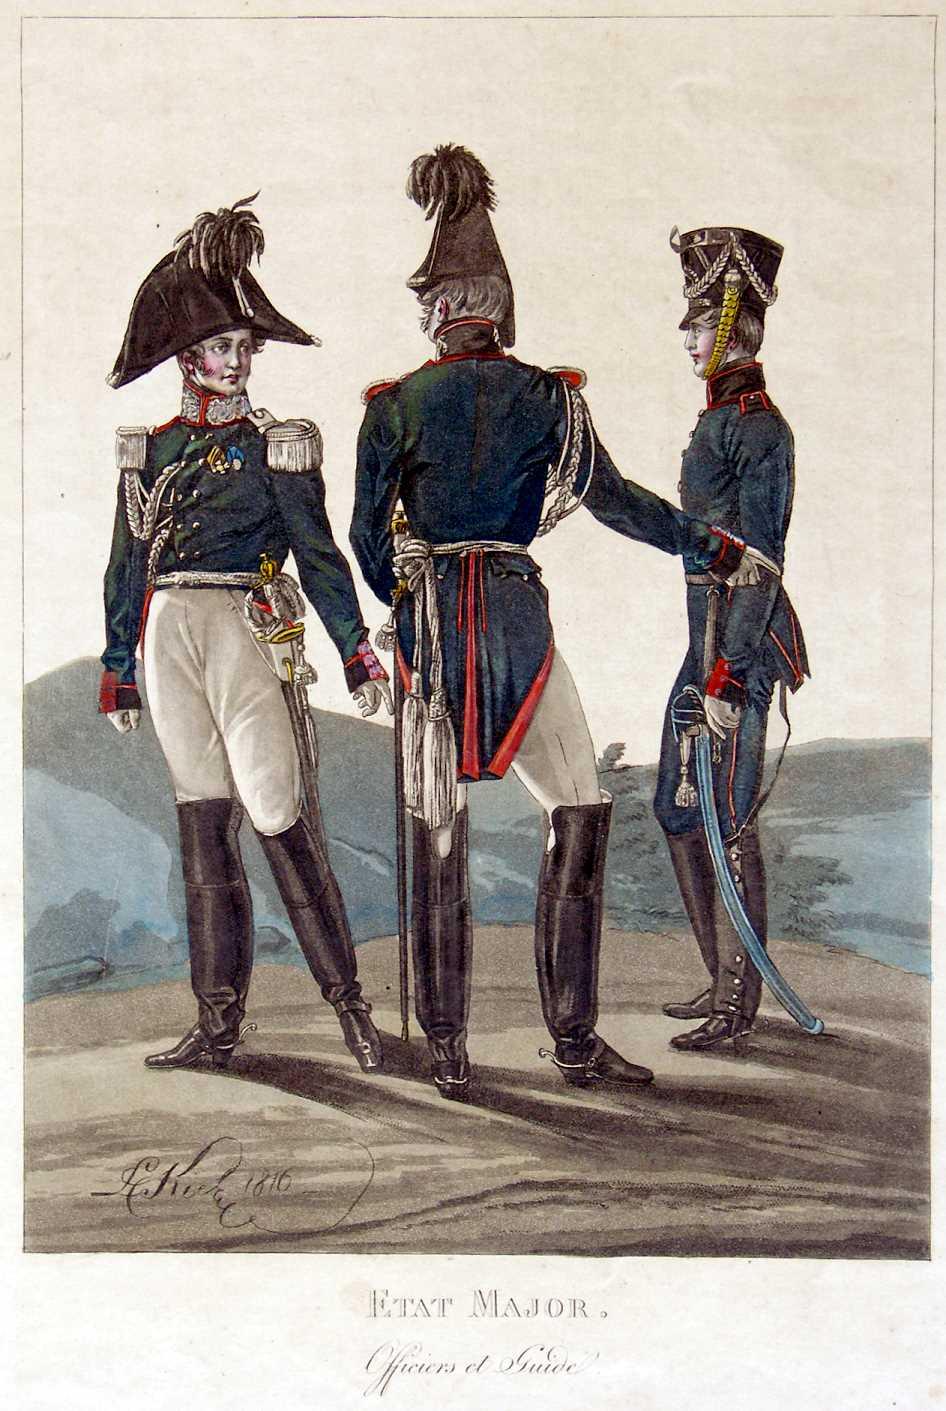 c12f46d17754 ... agli ufficiali fu permesso di indossare abiti particolari fuori dal  servizio; ma alla fine della campagna estera dovuta alla fermentazione  nell'esercito ...